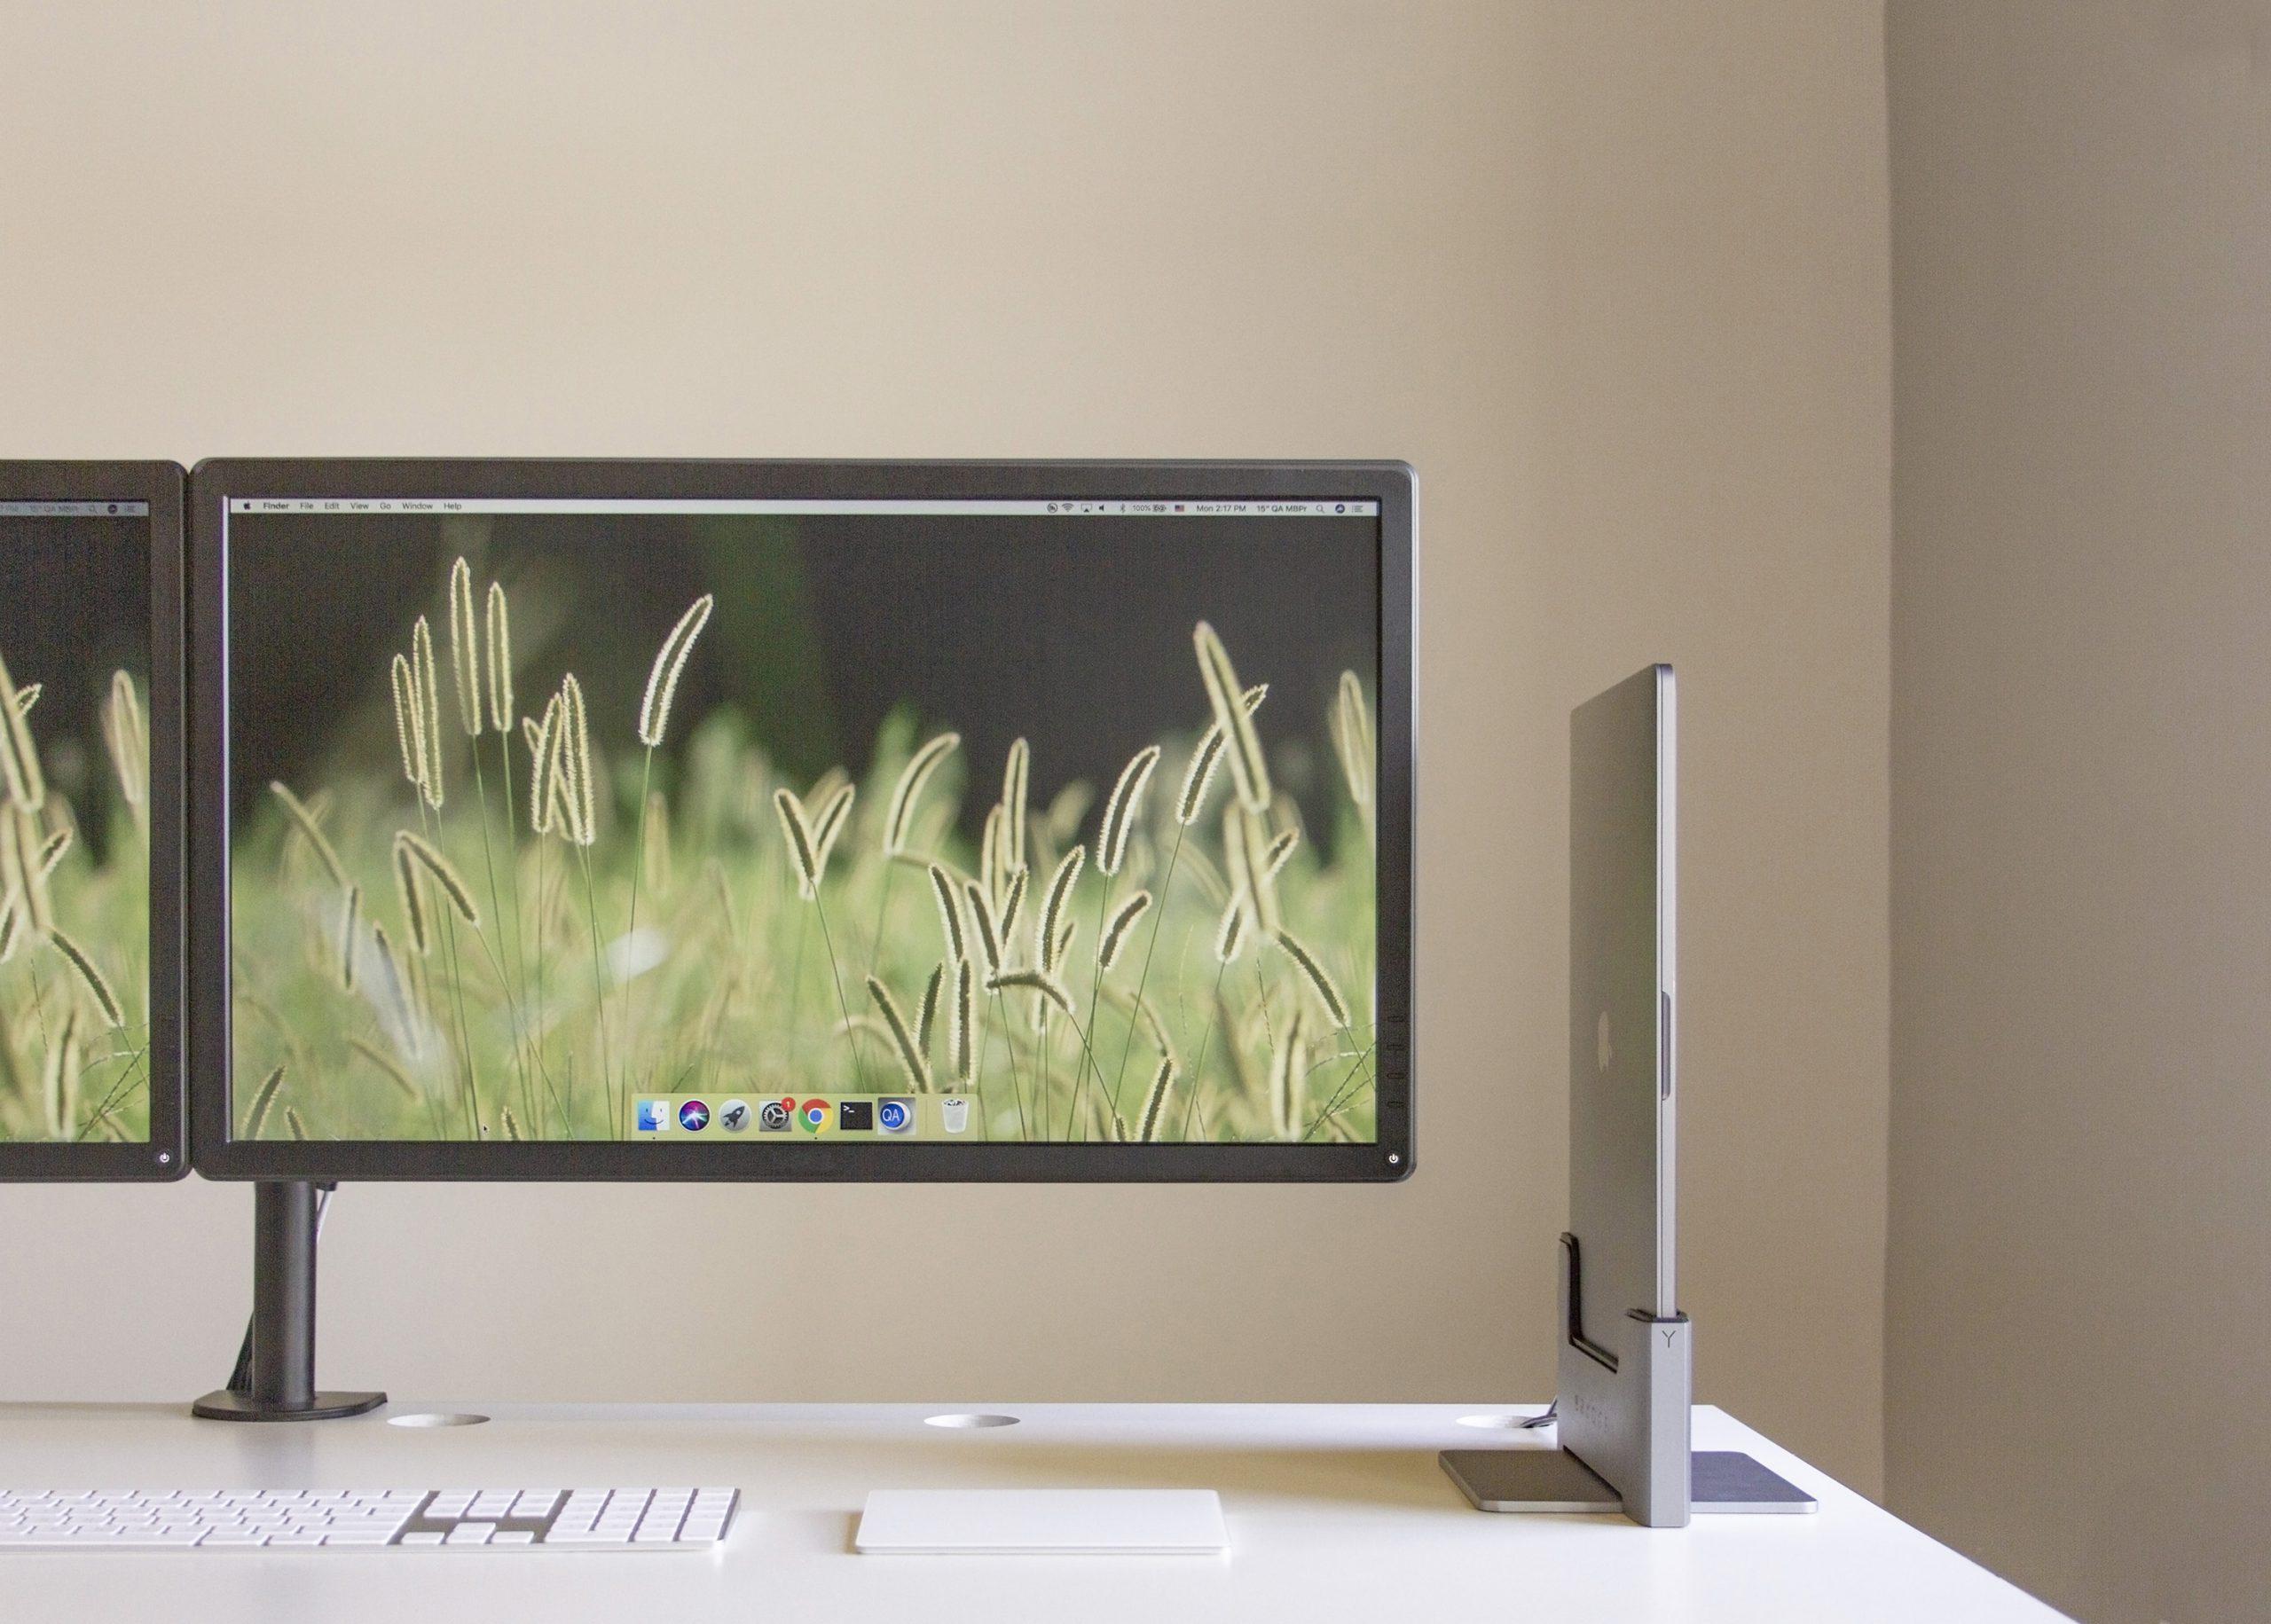 Brydge Vertical Dock MacBook Pro MacBook Air front